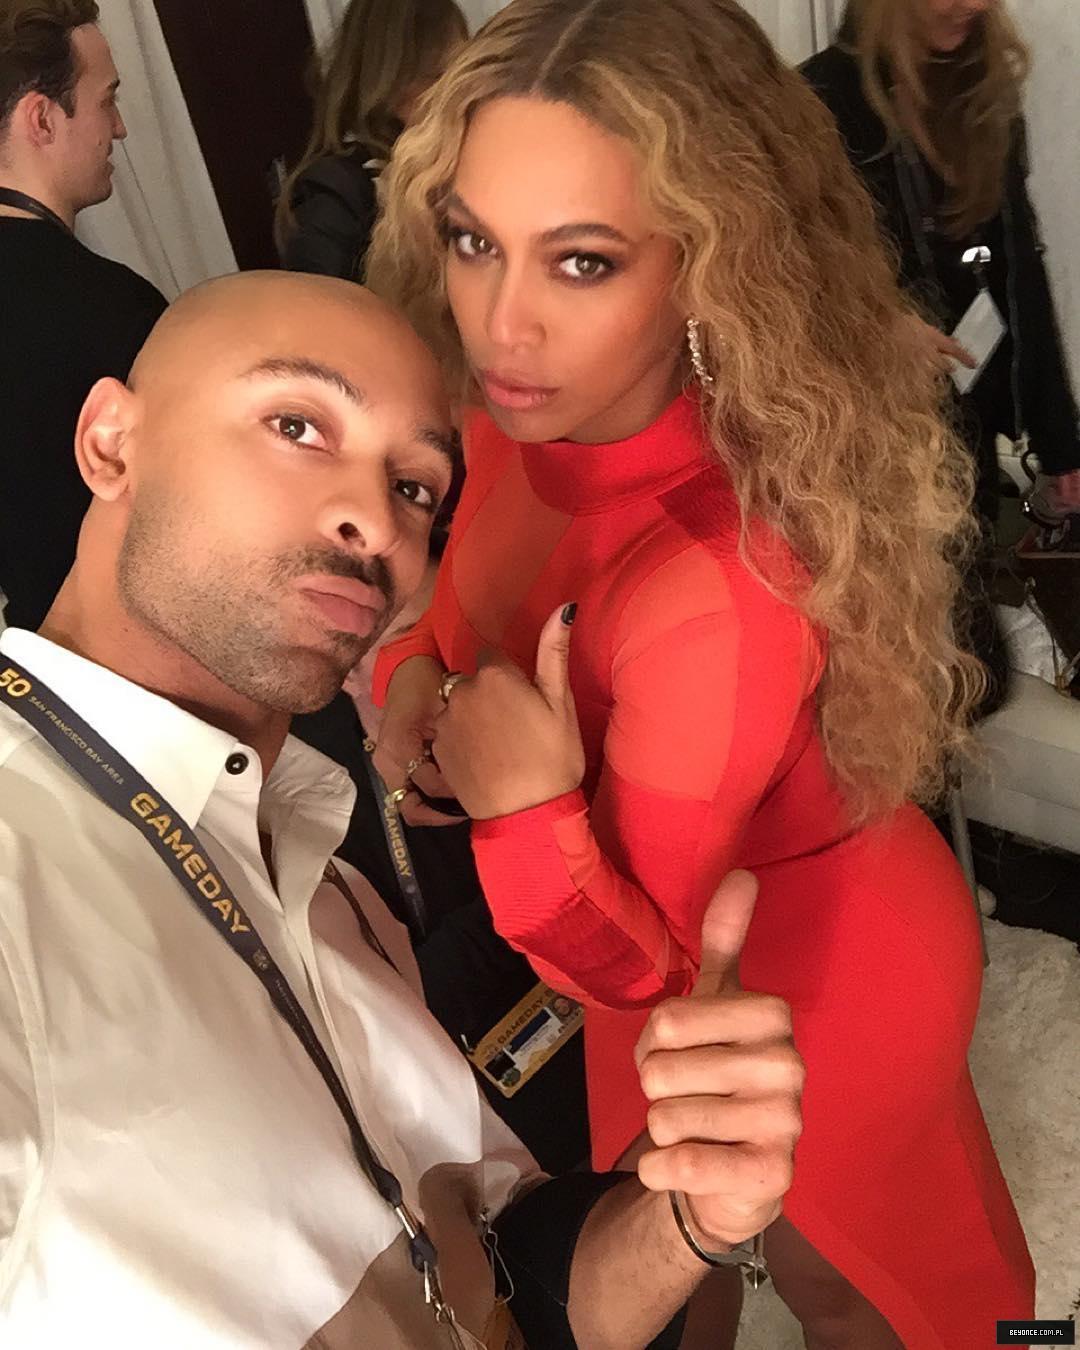 Beyoncé > Apariciones en público <Candids> [IV] 12479306_972214962857674_1581825904_n